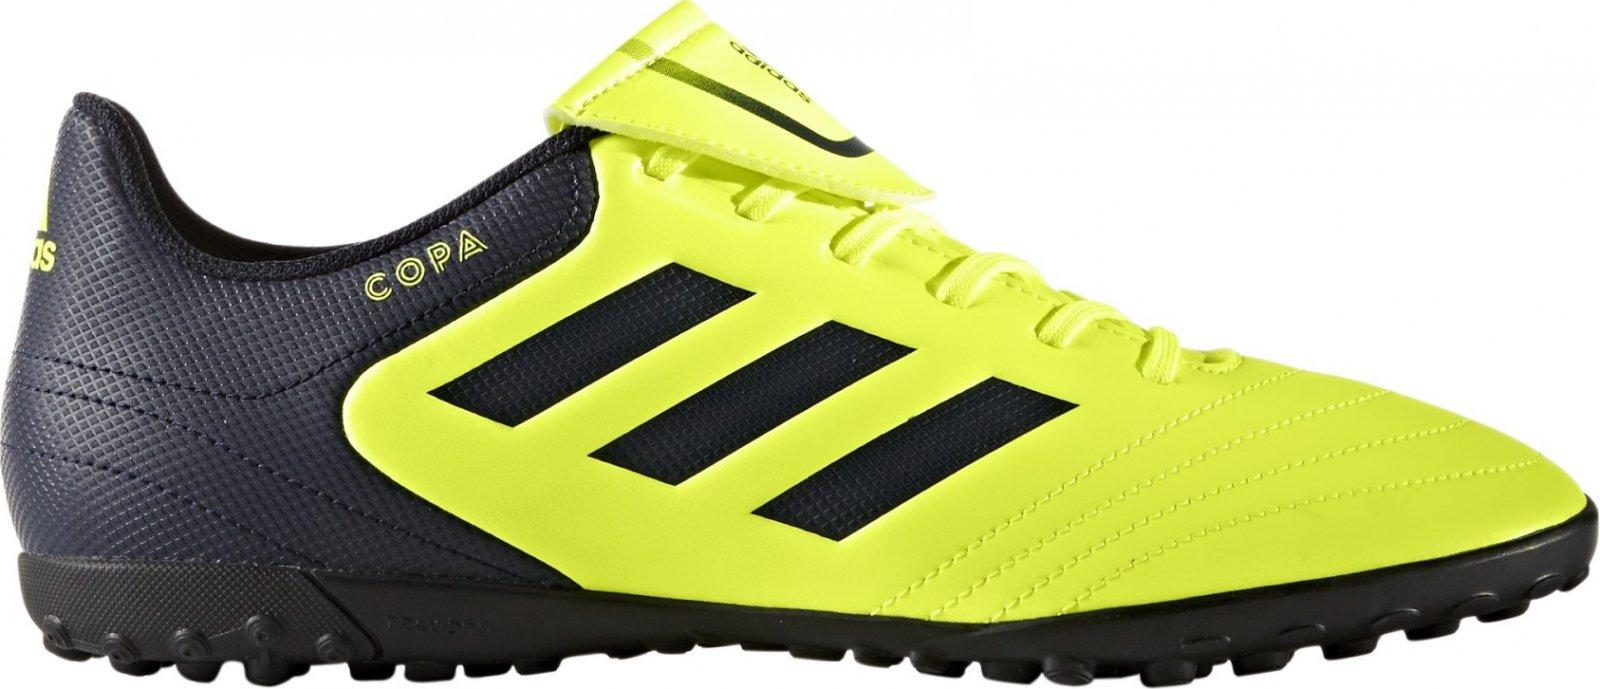 74882f9ca3 Adidas Copa 17.4 TF černé žluté od 750 Kč